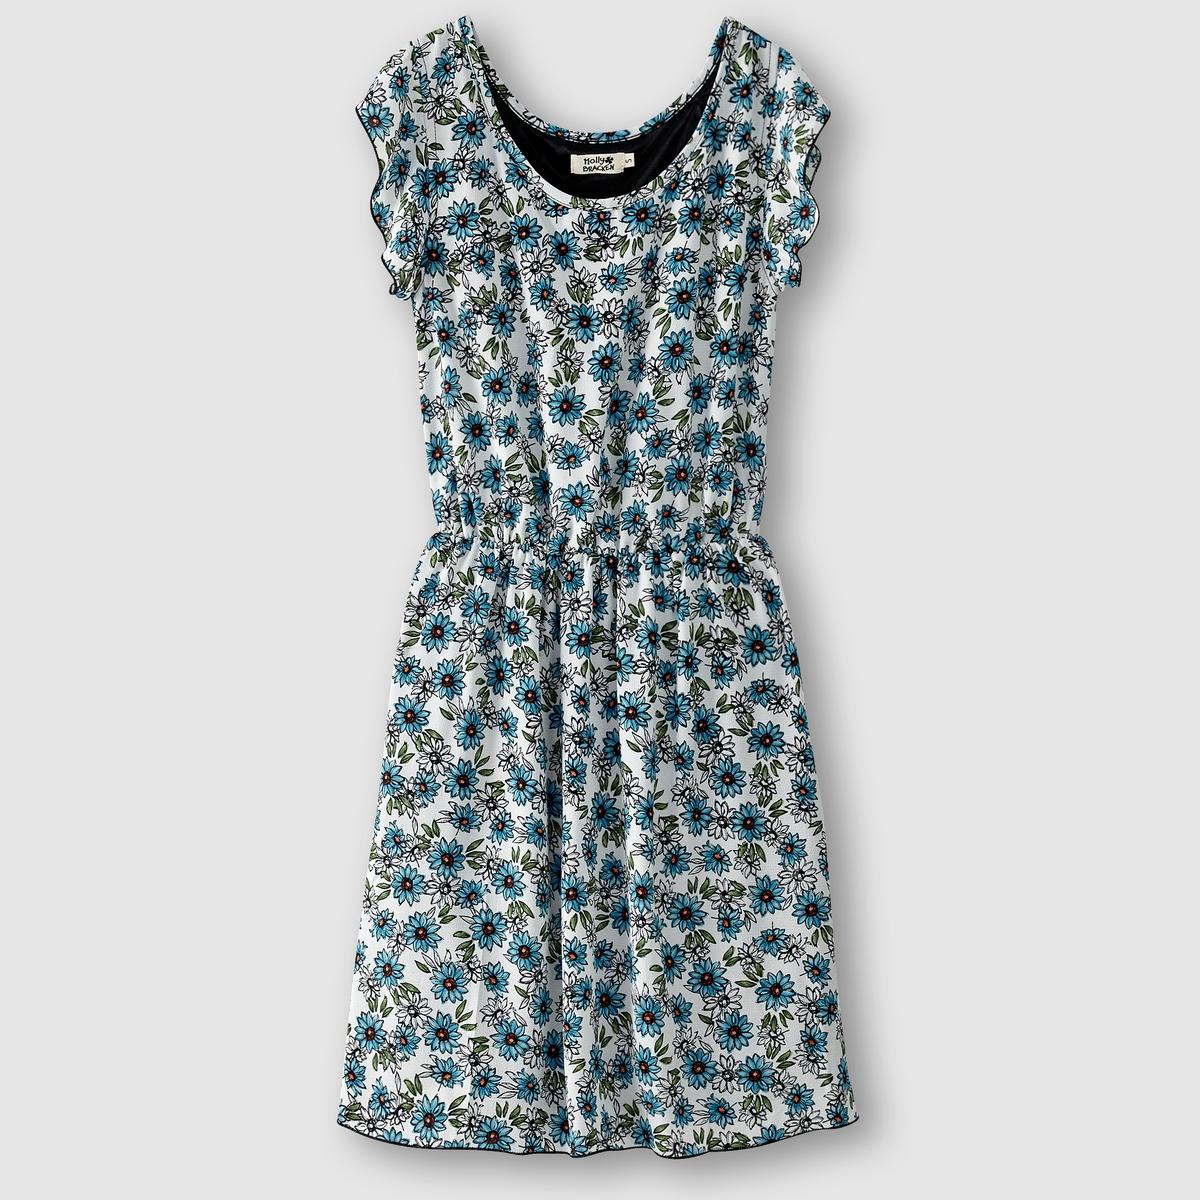 Платье с короткими рукавамиПлатье - MOLLY BRACKEN. Короткие рукава. Эластичный пояс. Вуаль с принтом . Состав и описание      Материал: 100% полиэстера     Марка MOLLY BRACKEN<br><br>Цвет: темно-синий/оранжевый<br>Размер: S